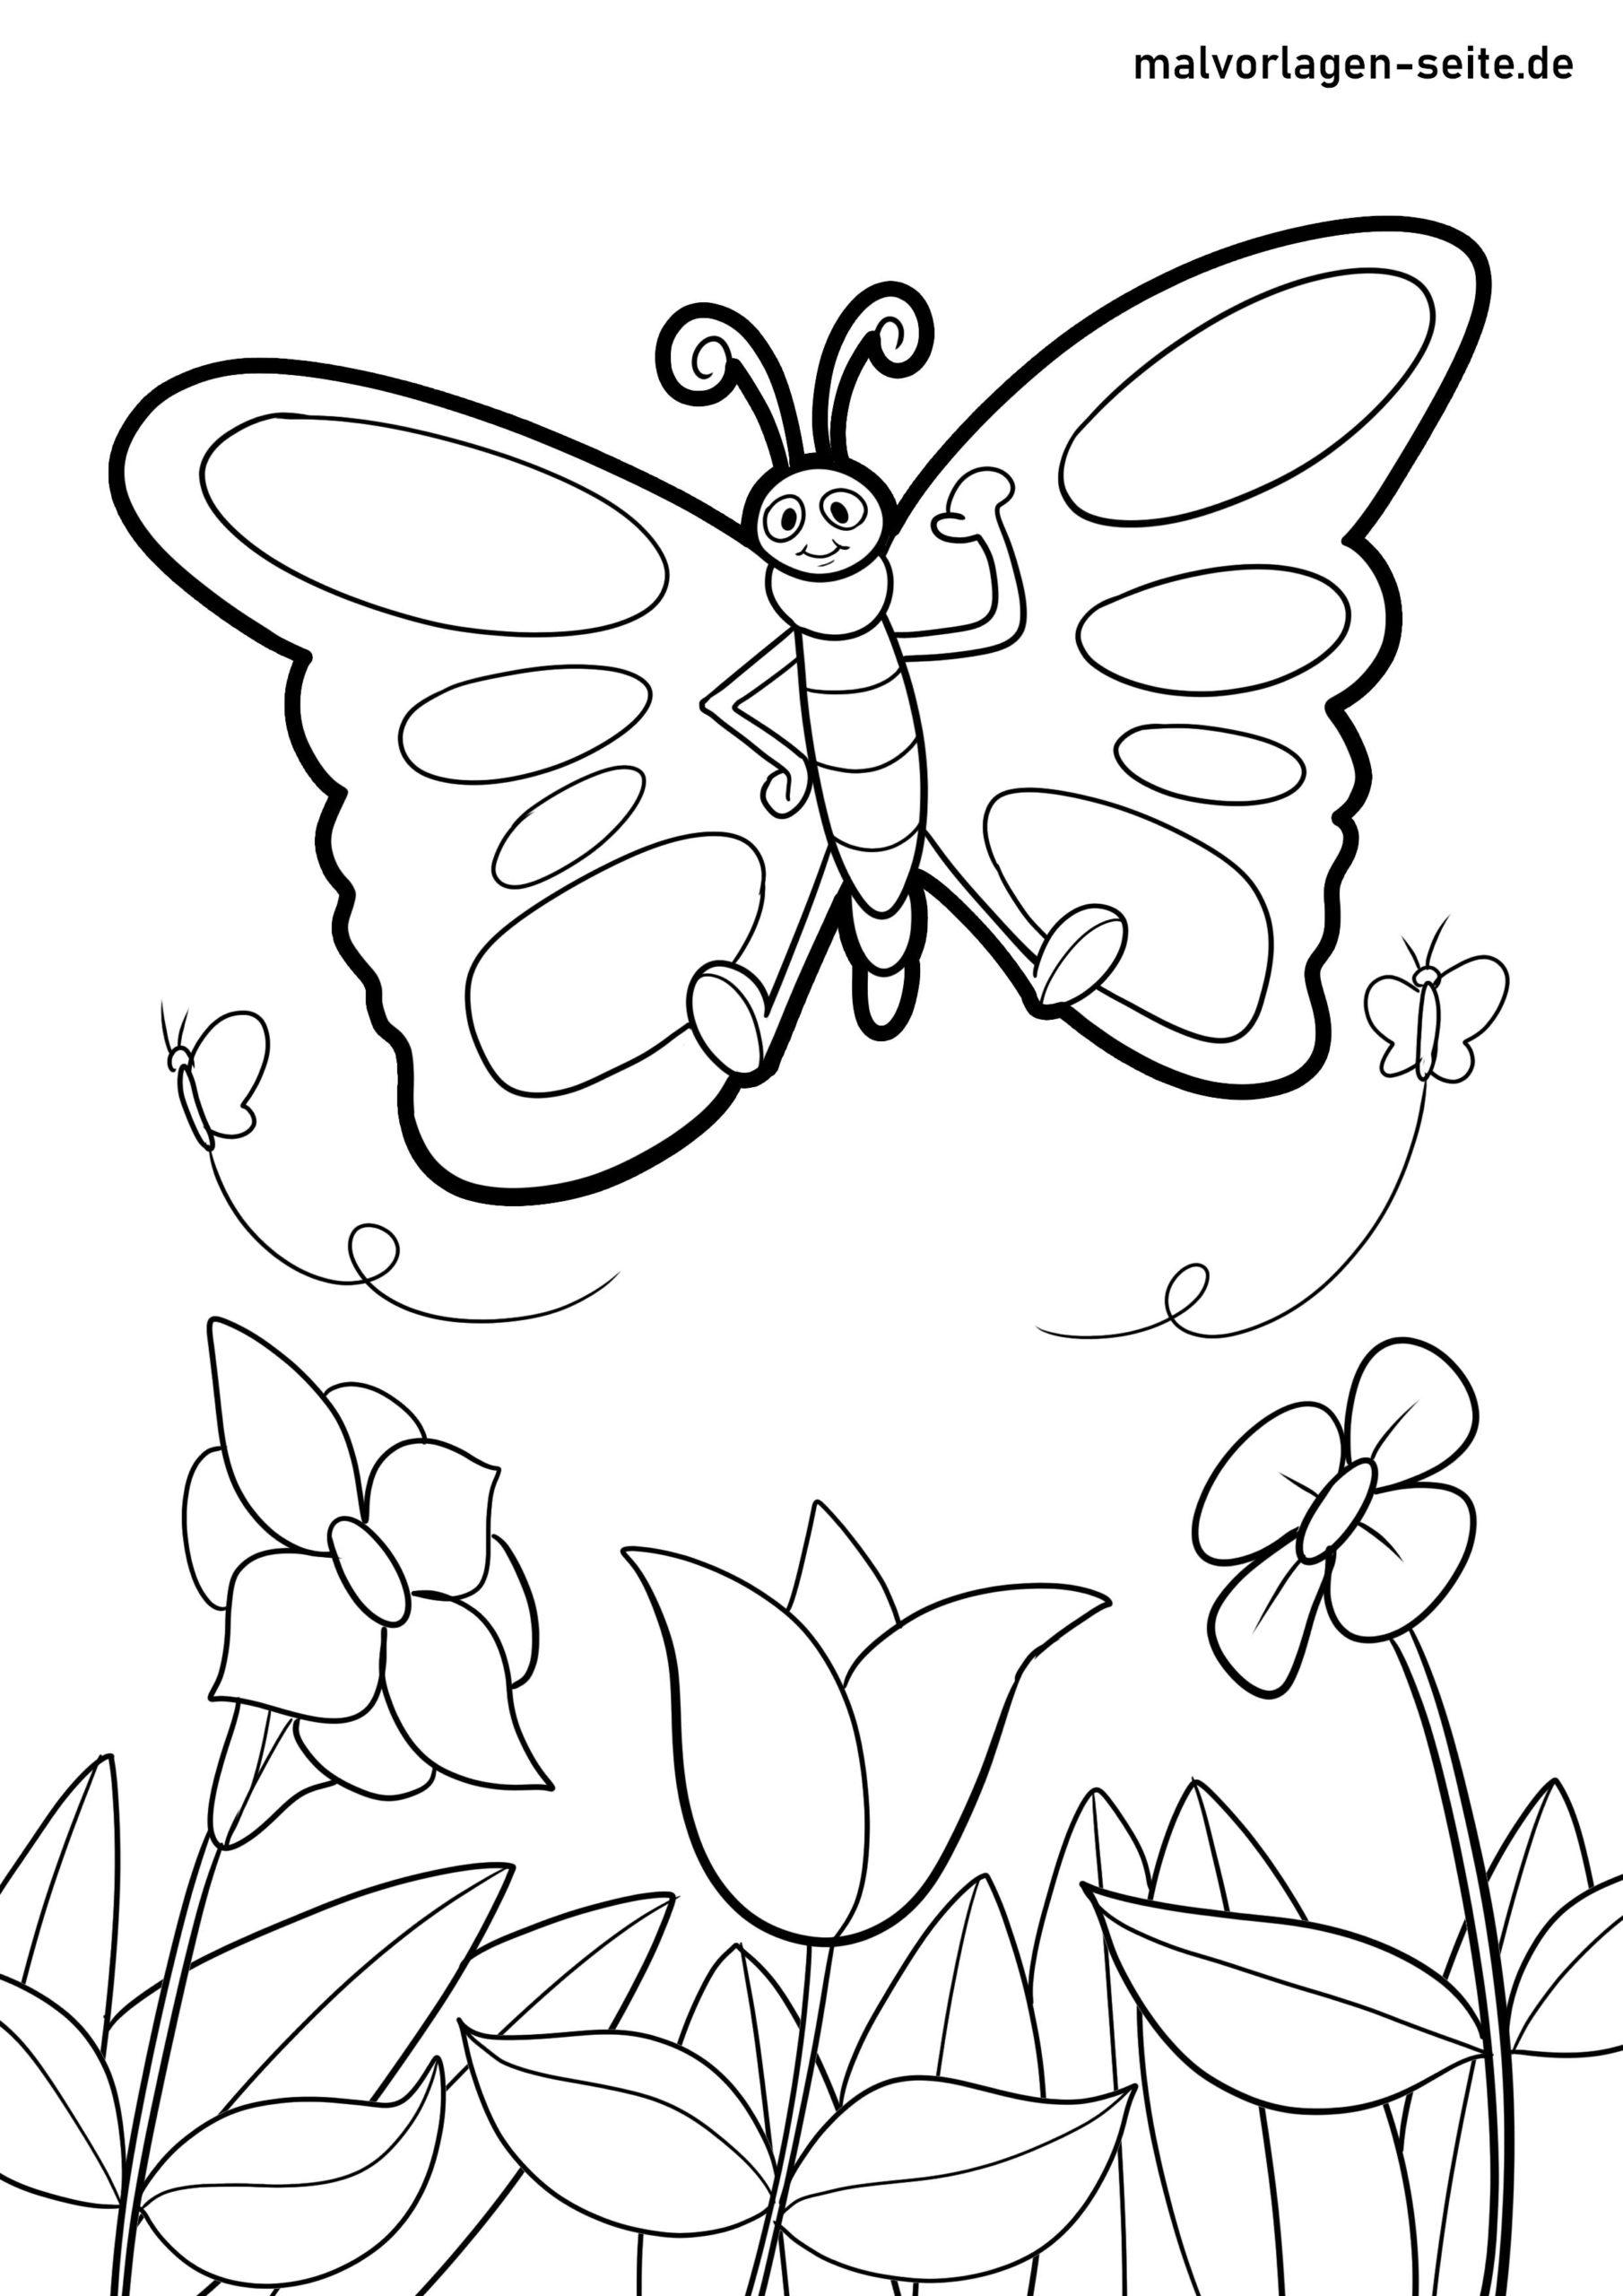 Malvorlagen Schmetterlinge Zum Ausmalen Für Kinder